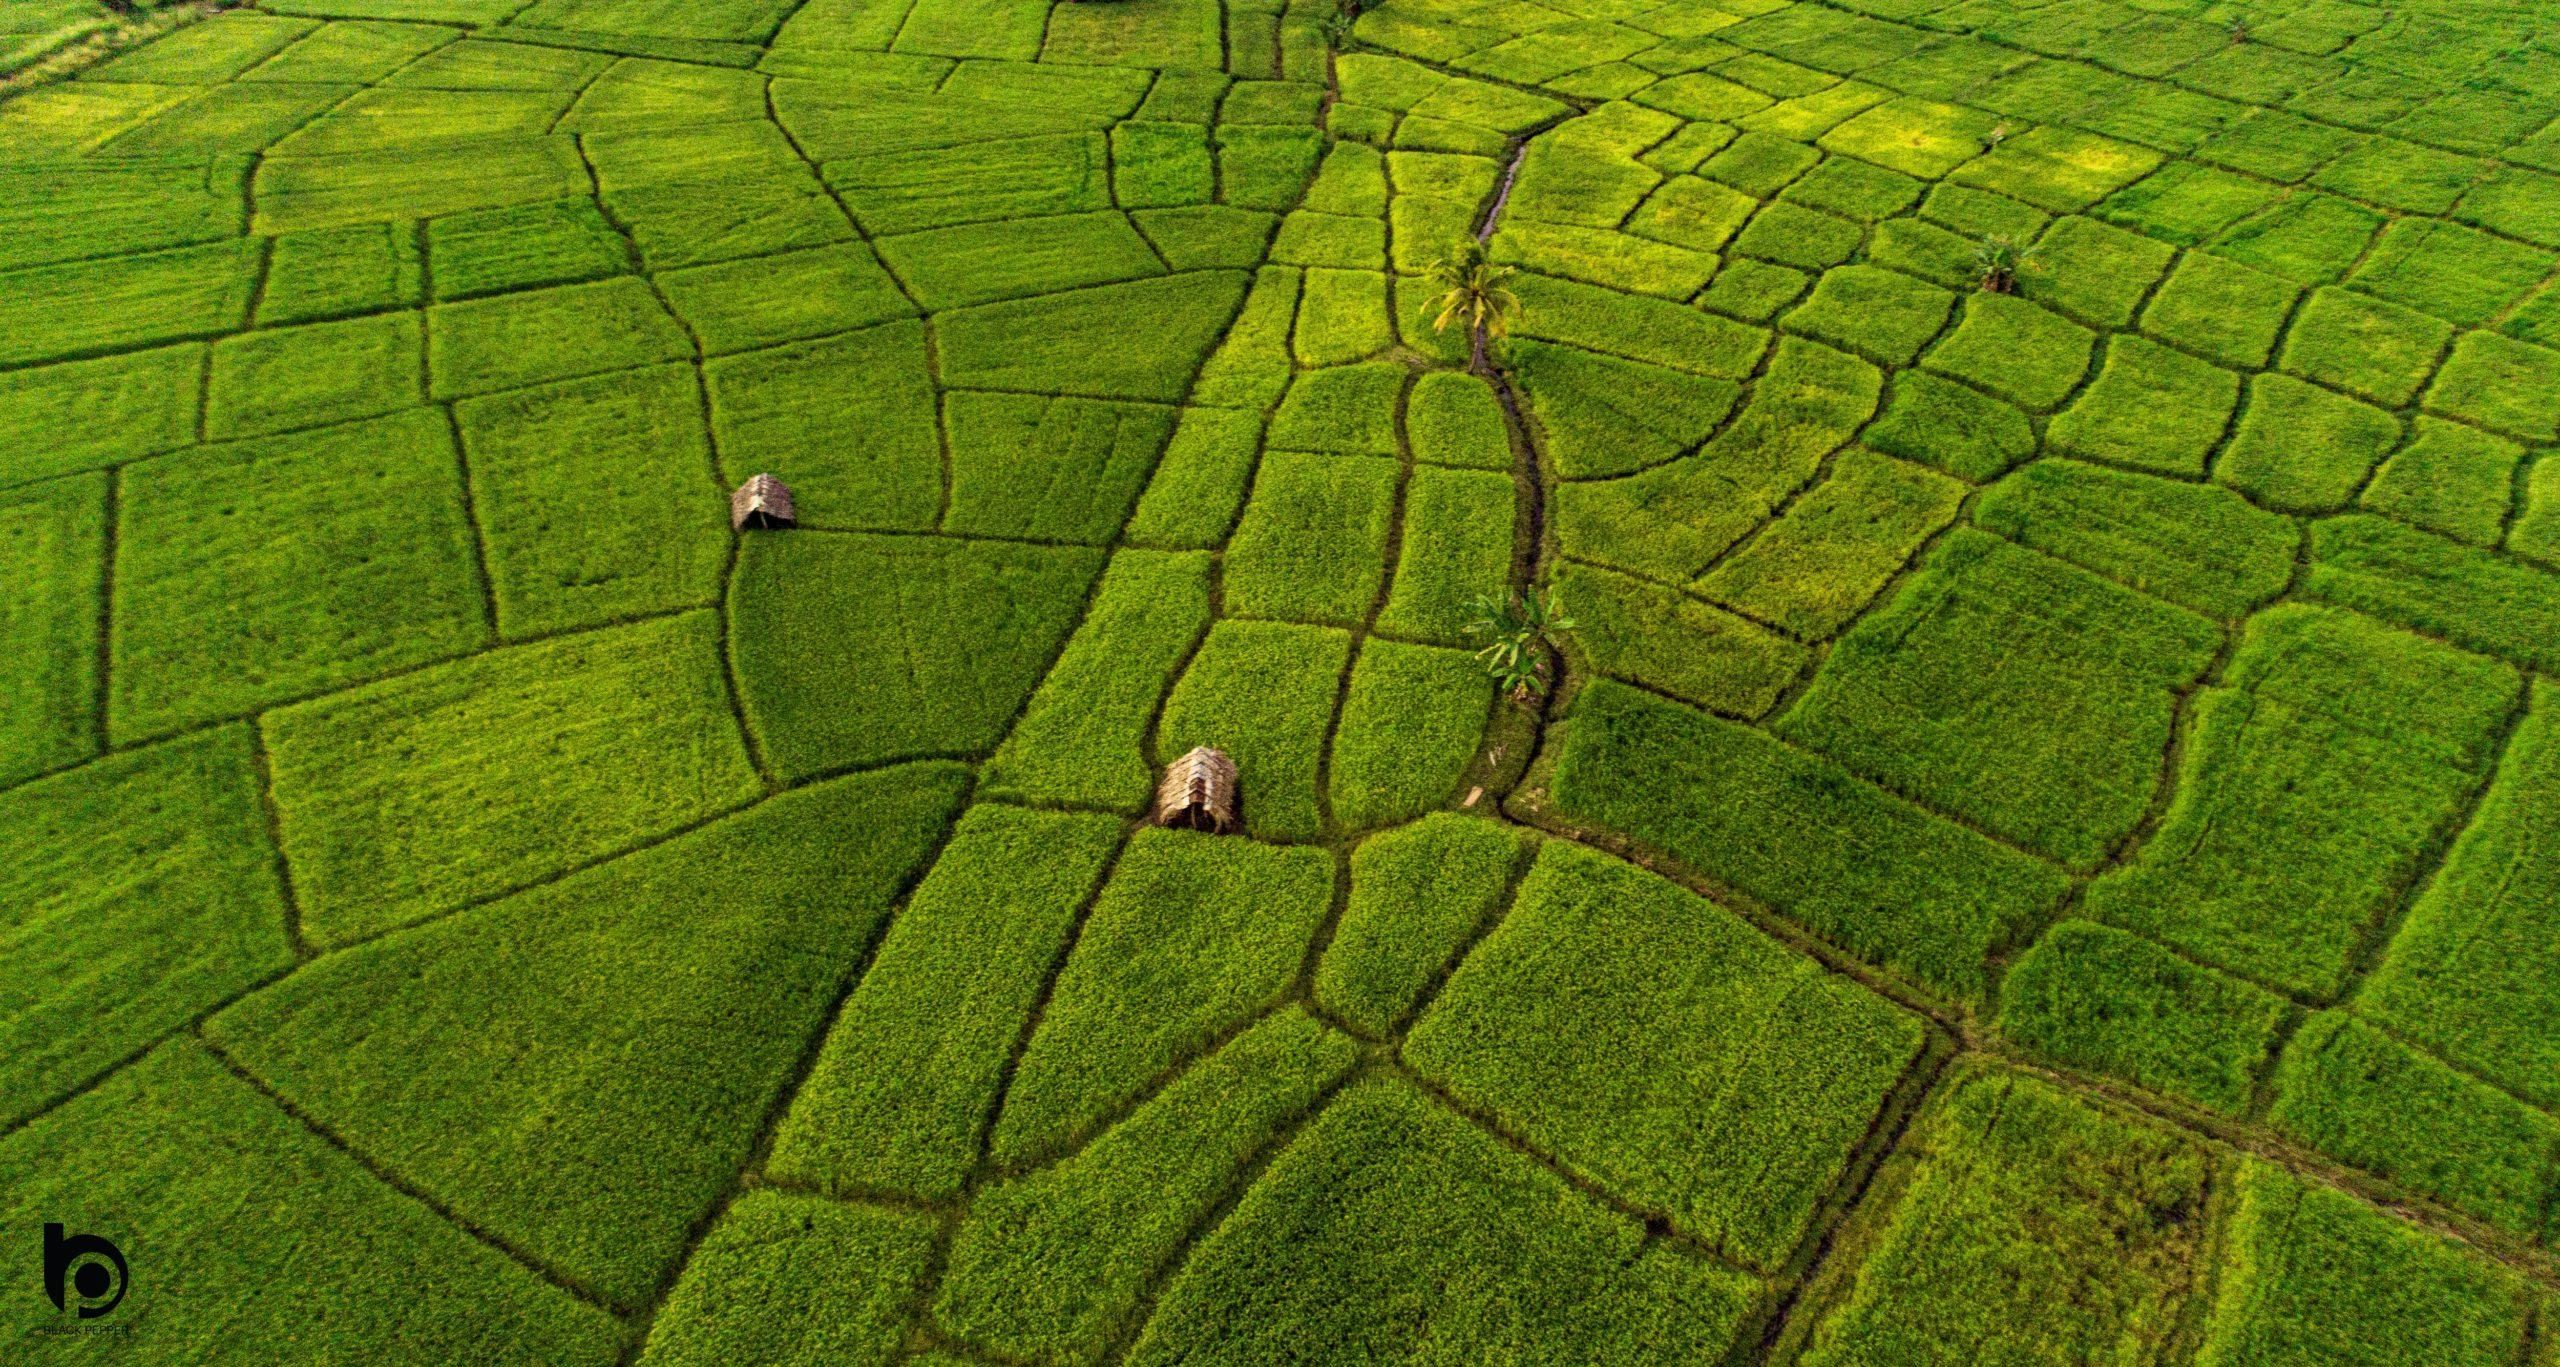 Paddy Field - Sri lanka